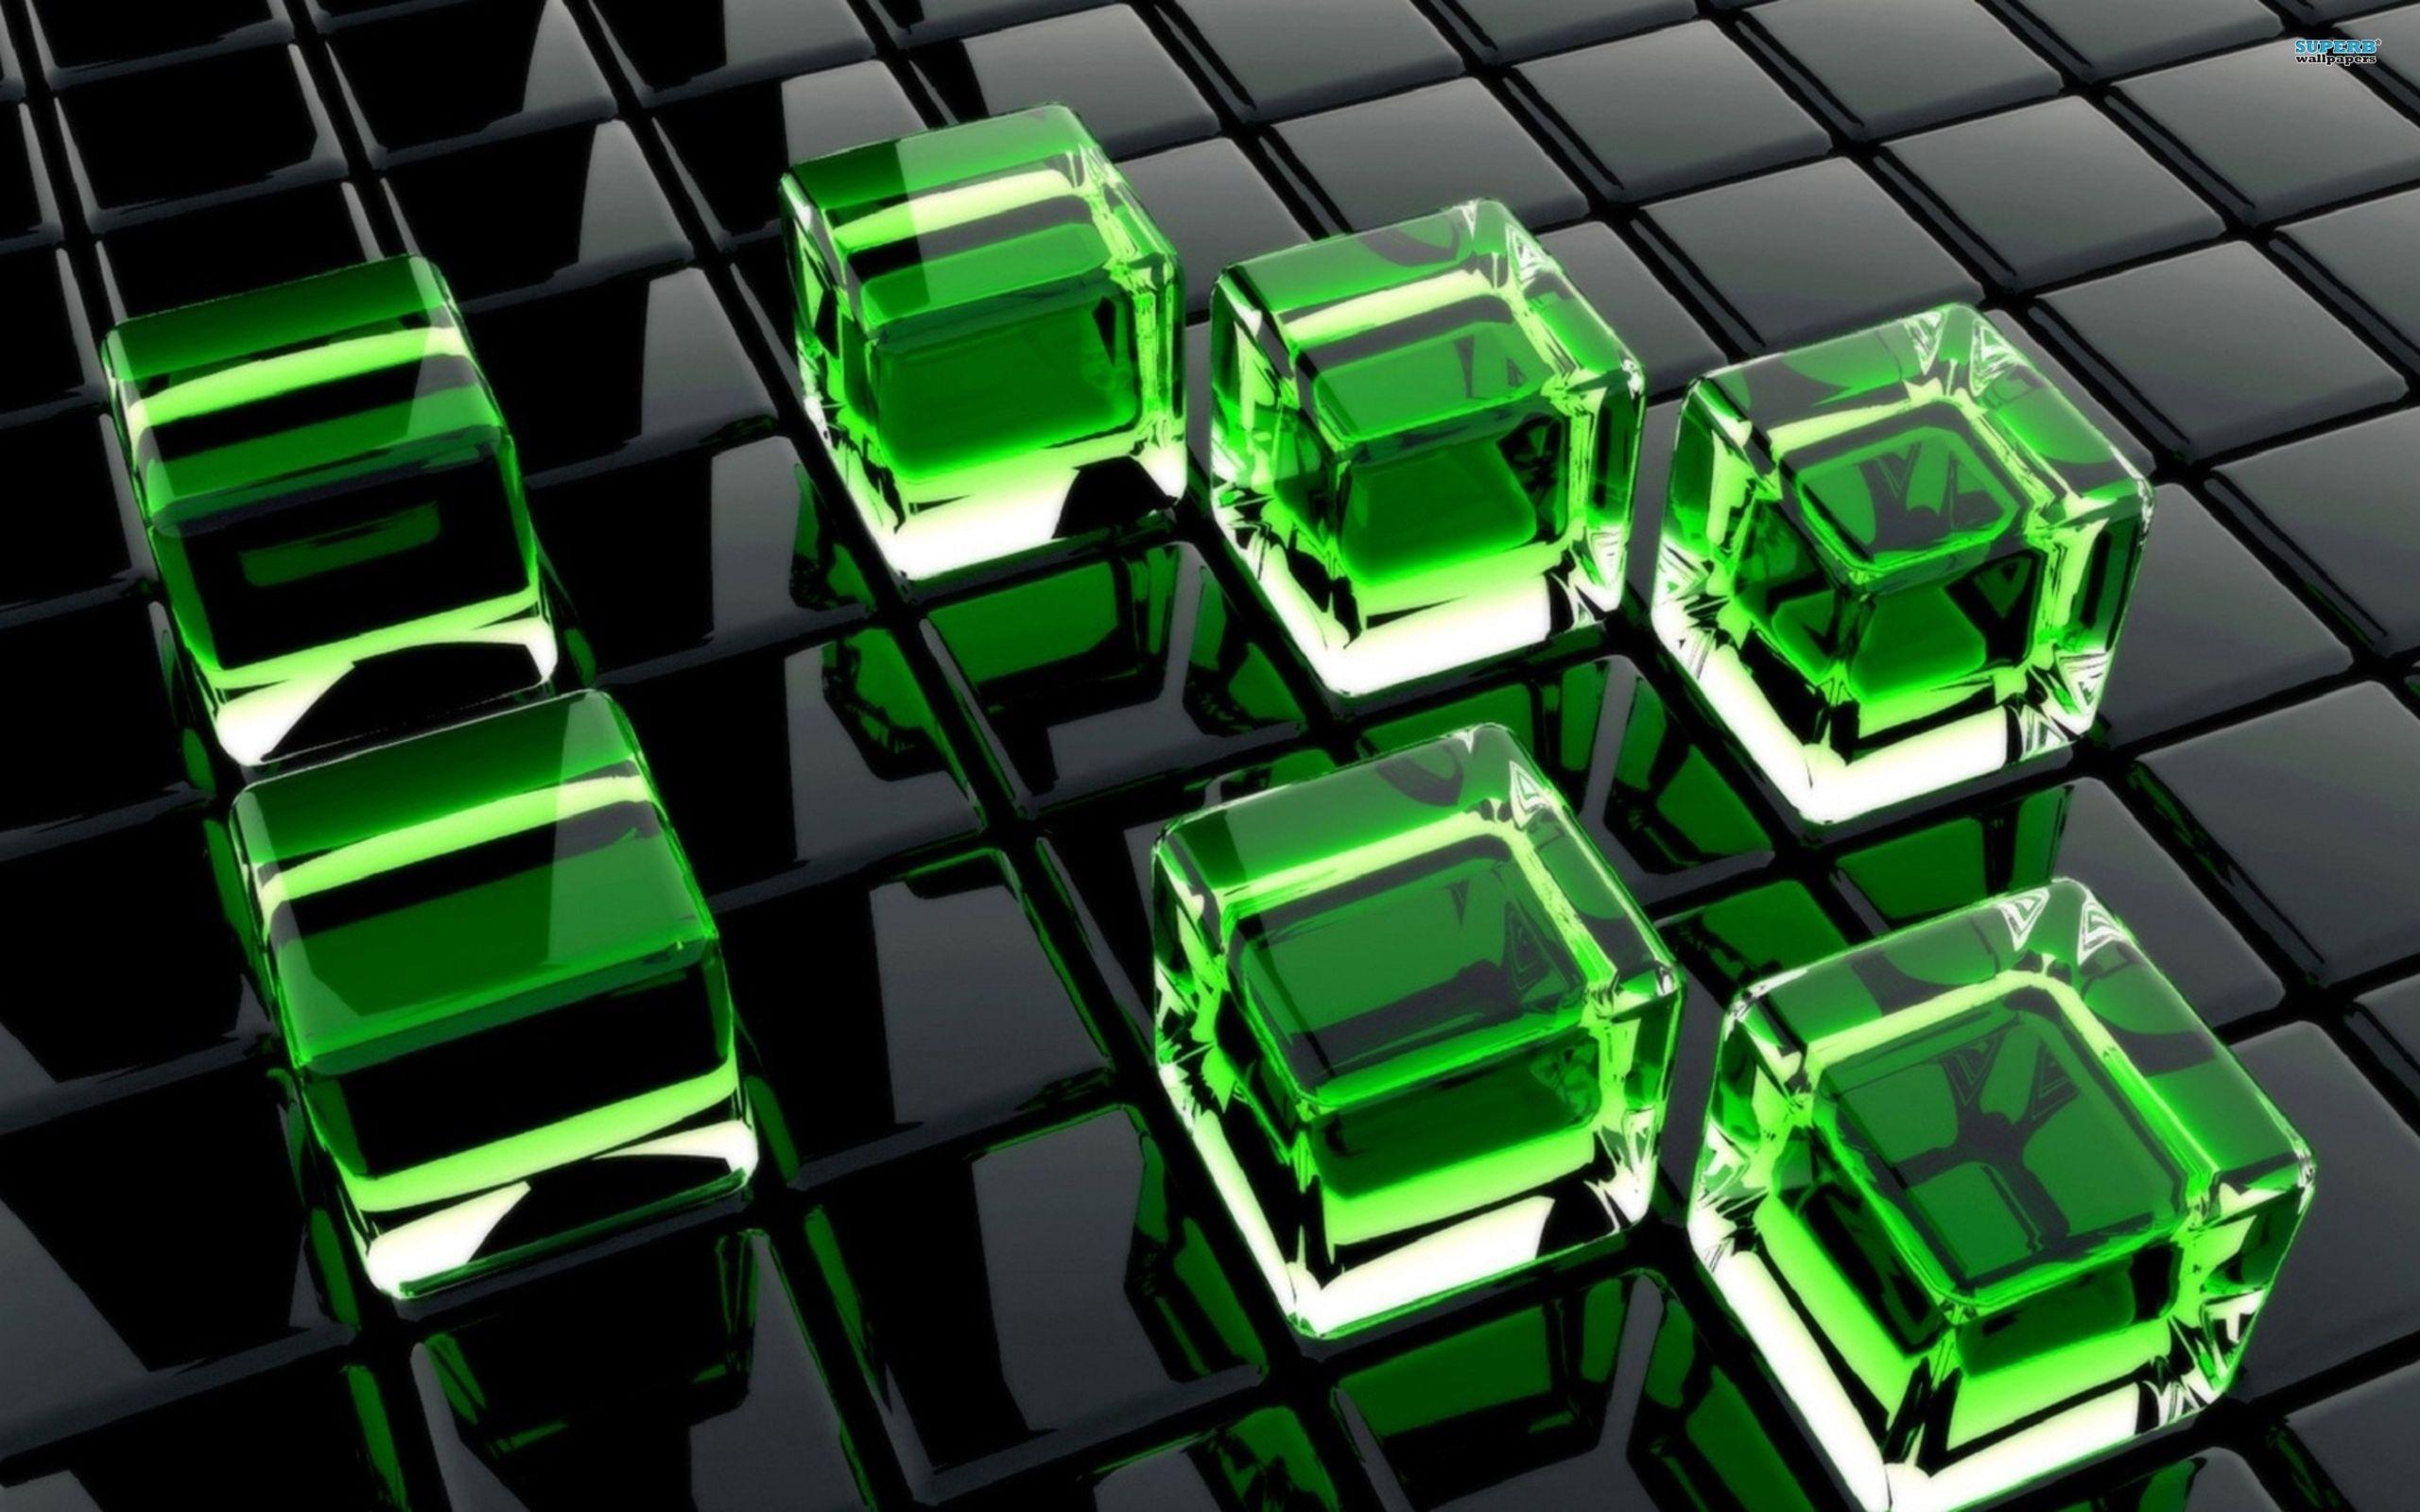 121645 descarga Verde fondos de pantalla para tu teléfono gratis, 3D, Cuba, Vidrio, Superficie Verde imágenes y protectores de pantalla para tu teléfono